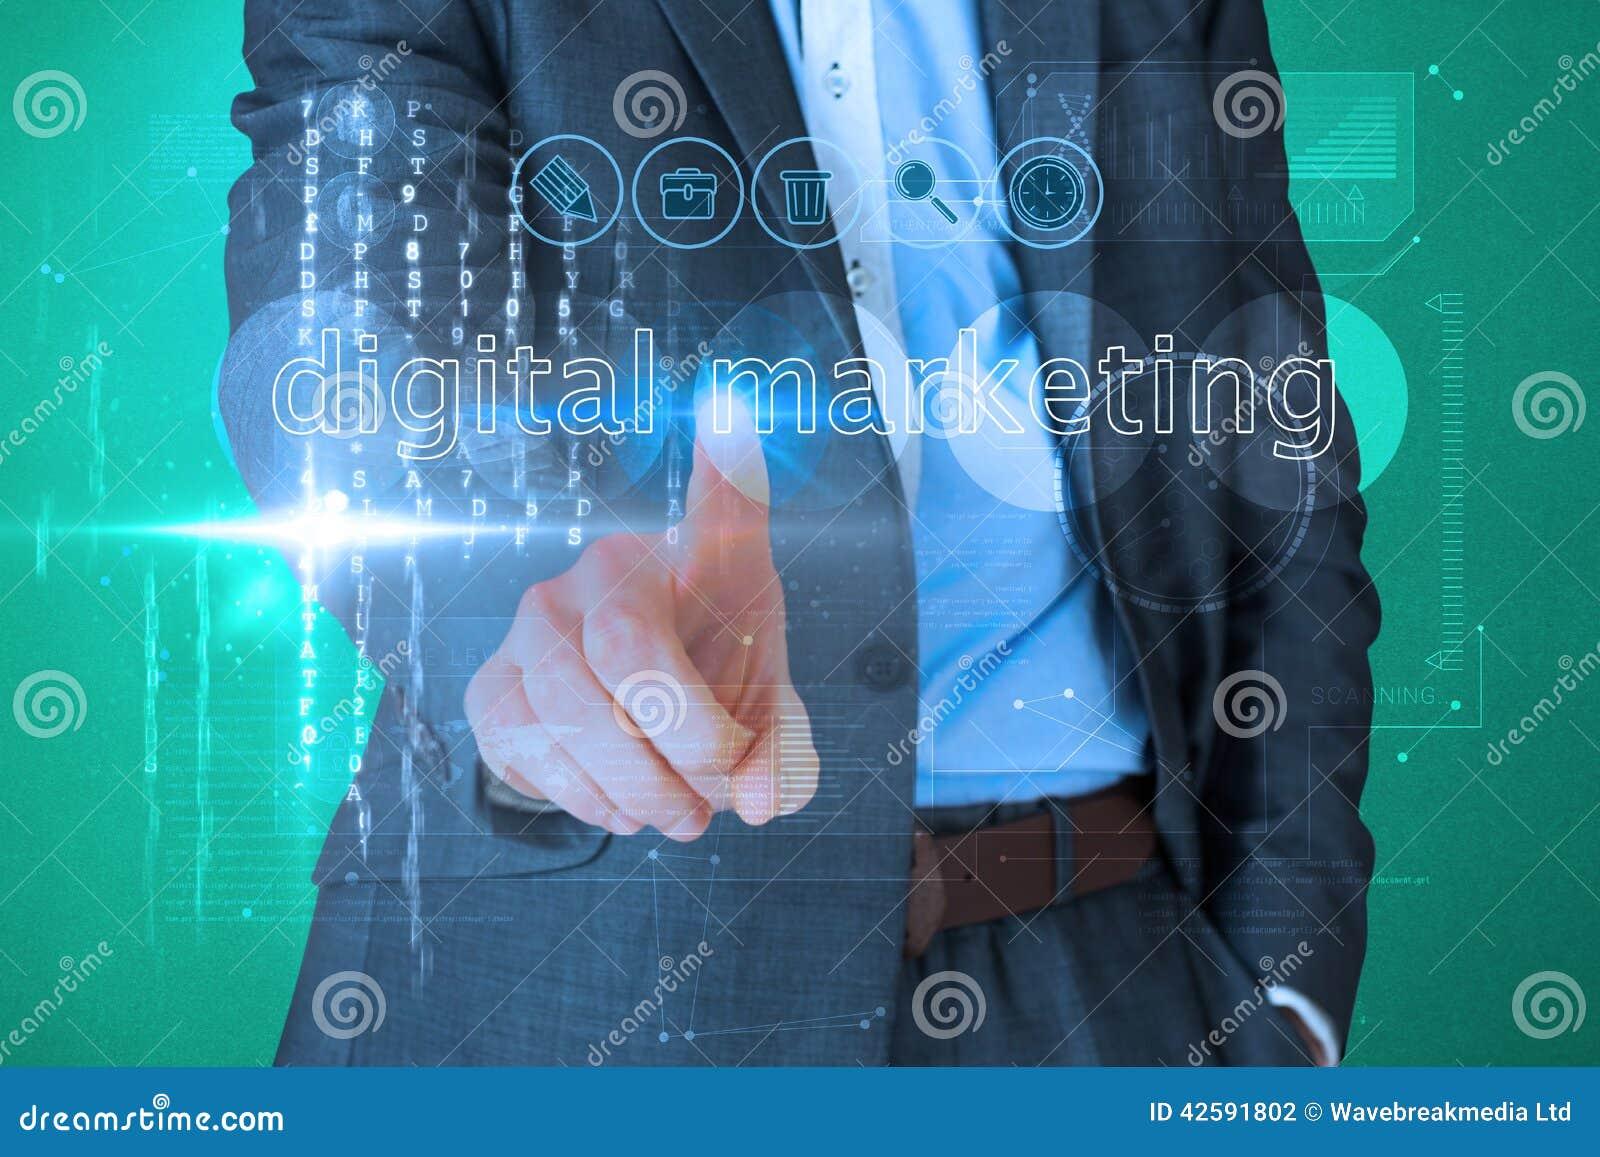 Zakenman wat betreft de woorden digitale marketing op interface